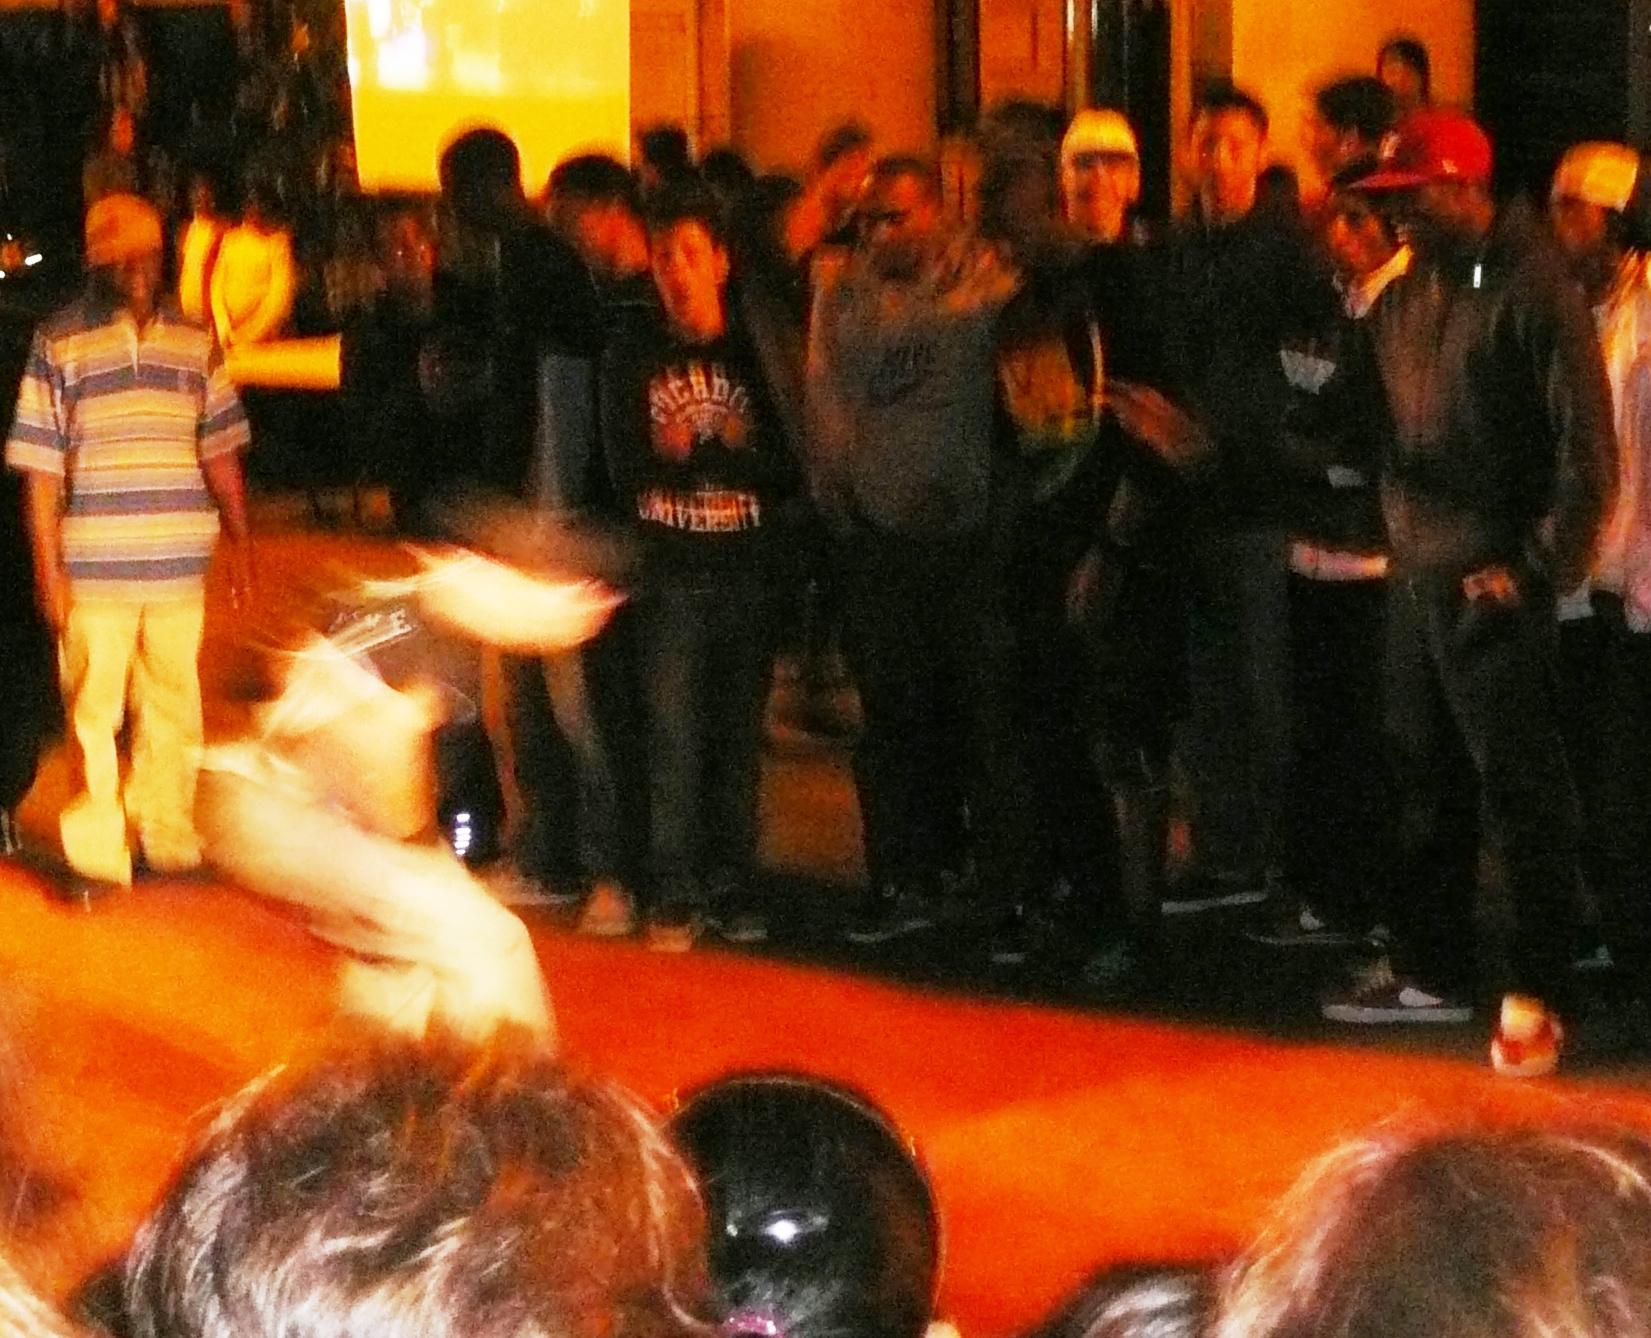 nego do hip hop - photo by Mamcasz